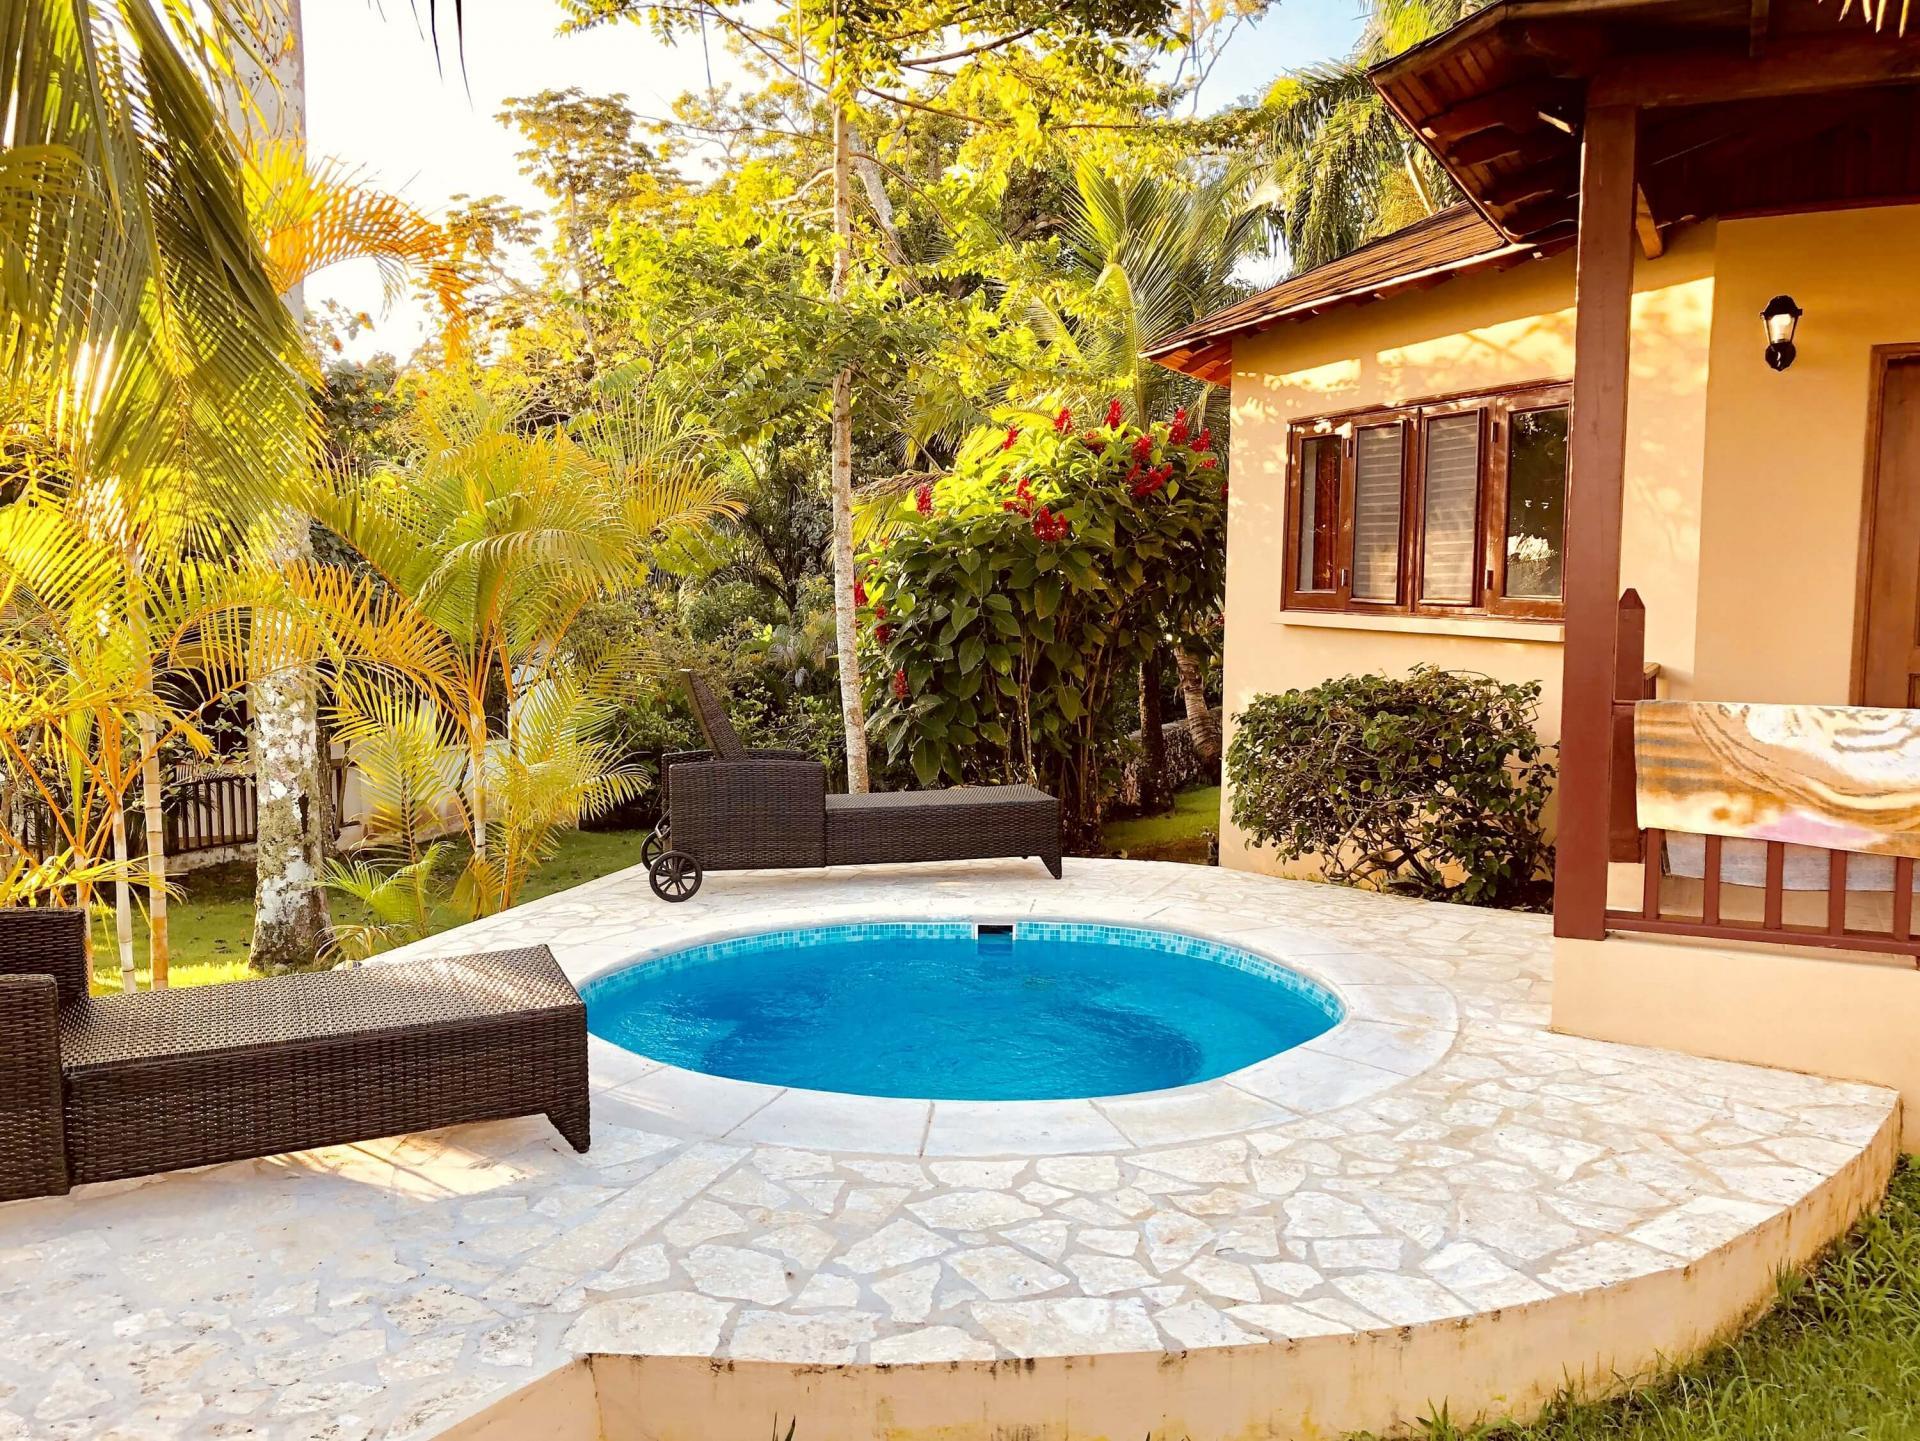 Maison a louer vacances pour 2 personnes republique dominicaine